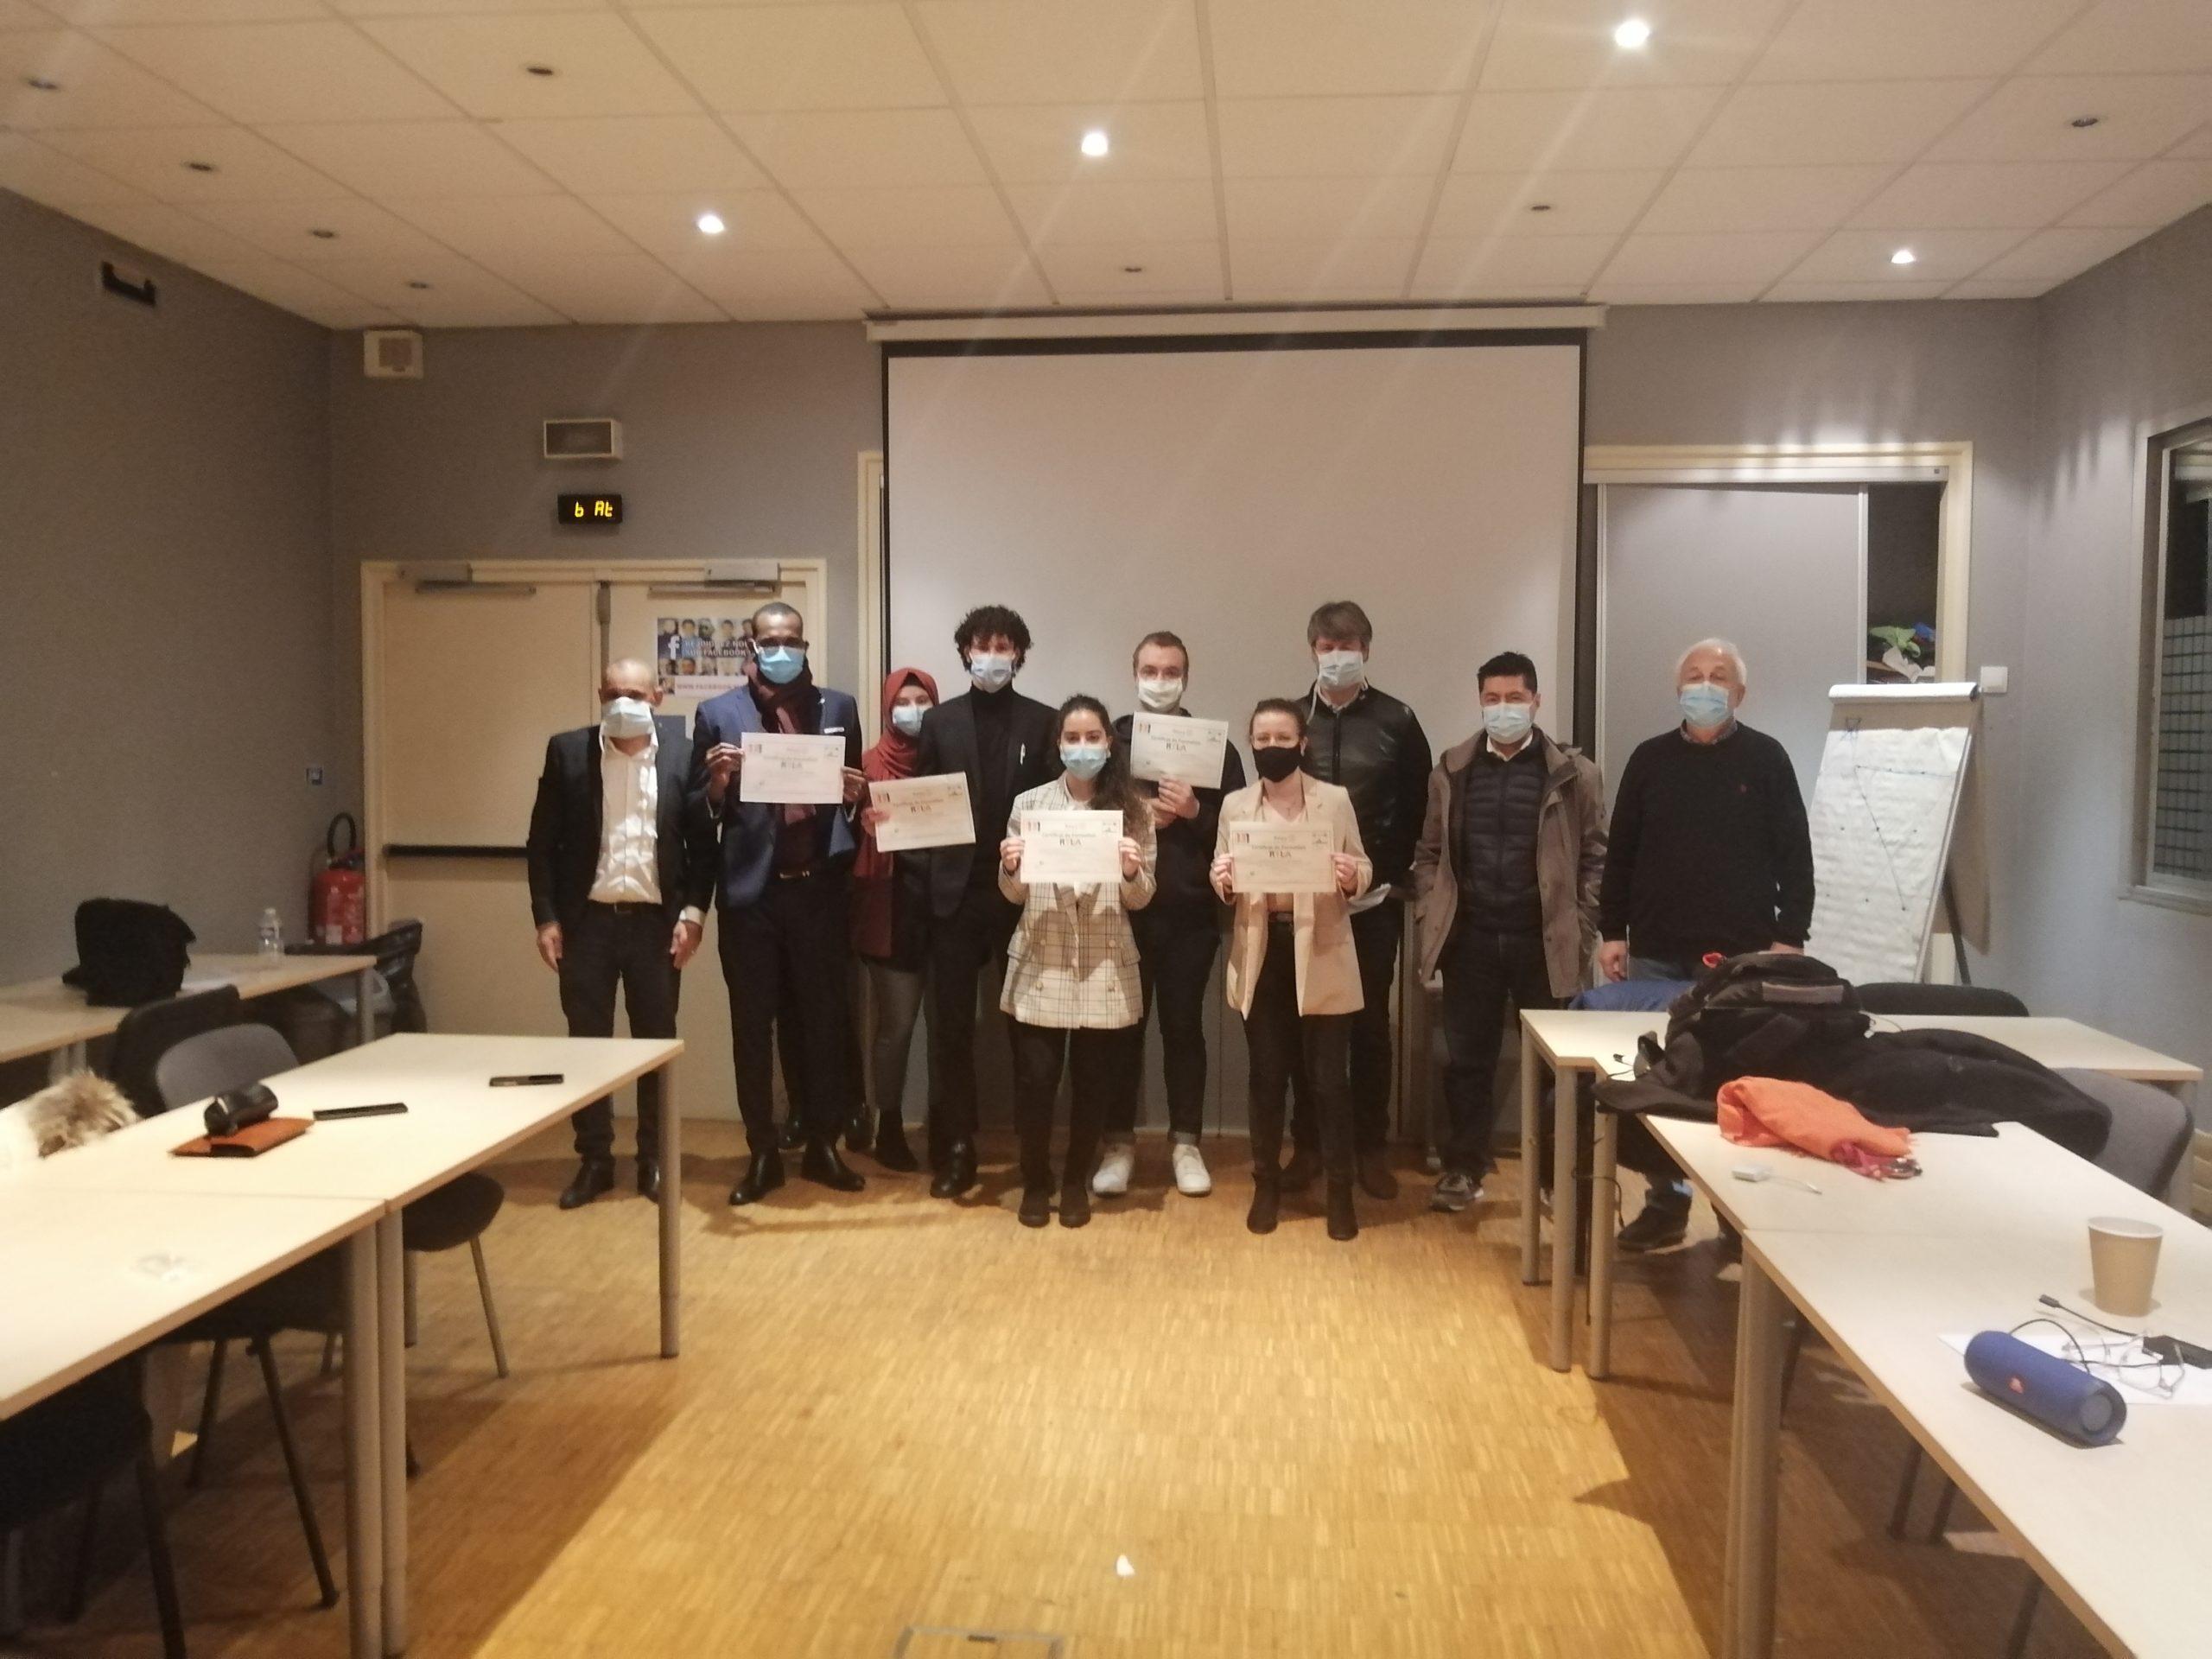 Le premier RYLA organisé à Corbeil-Essonnes du 12 au 13 décembre 2020